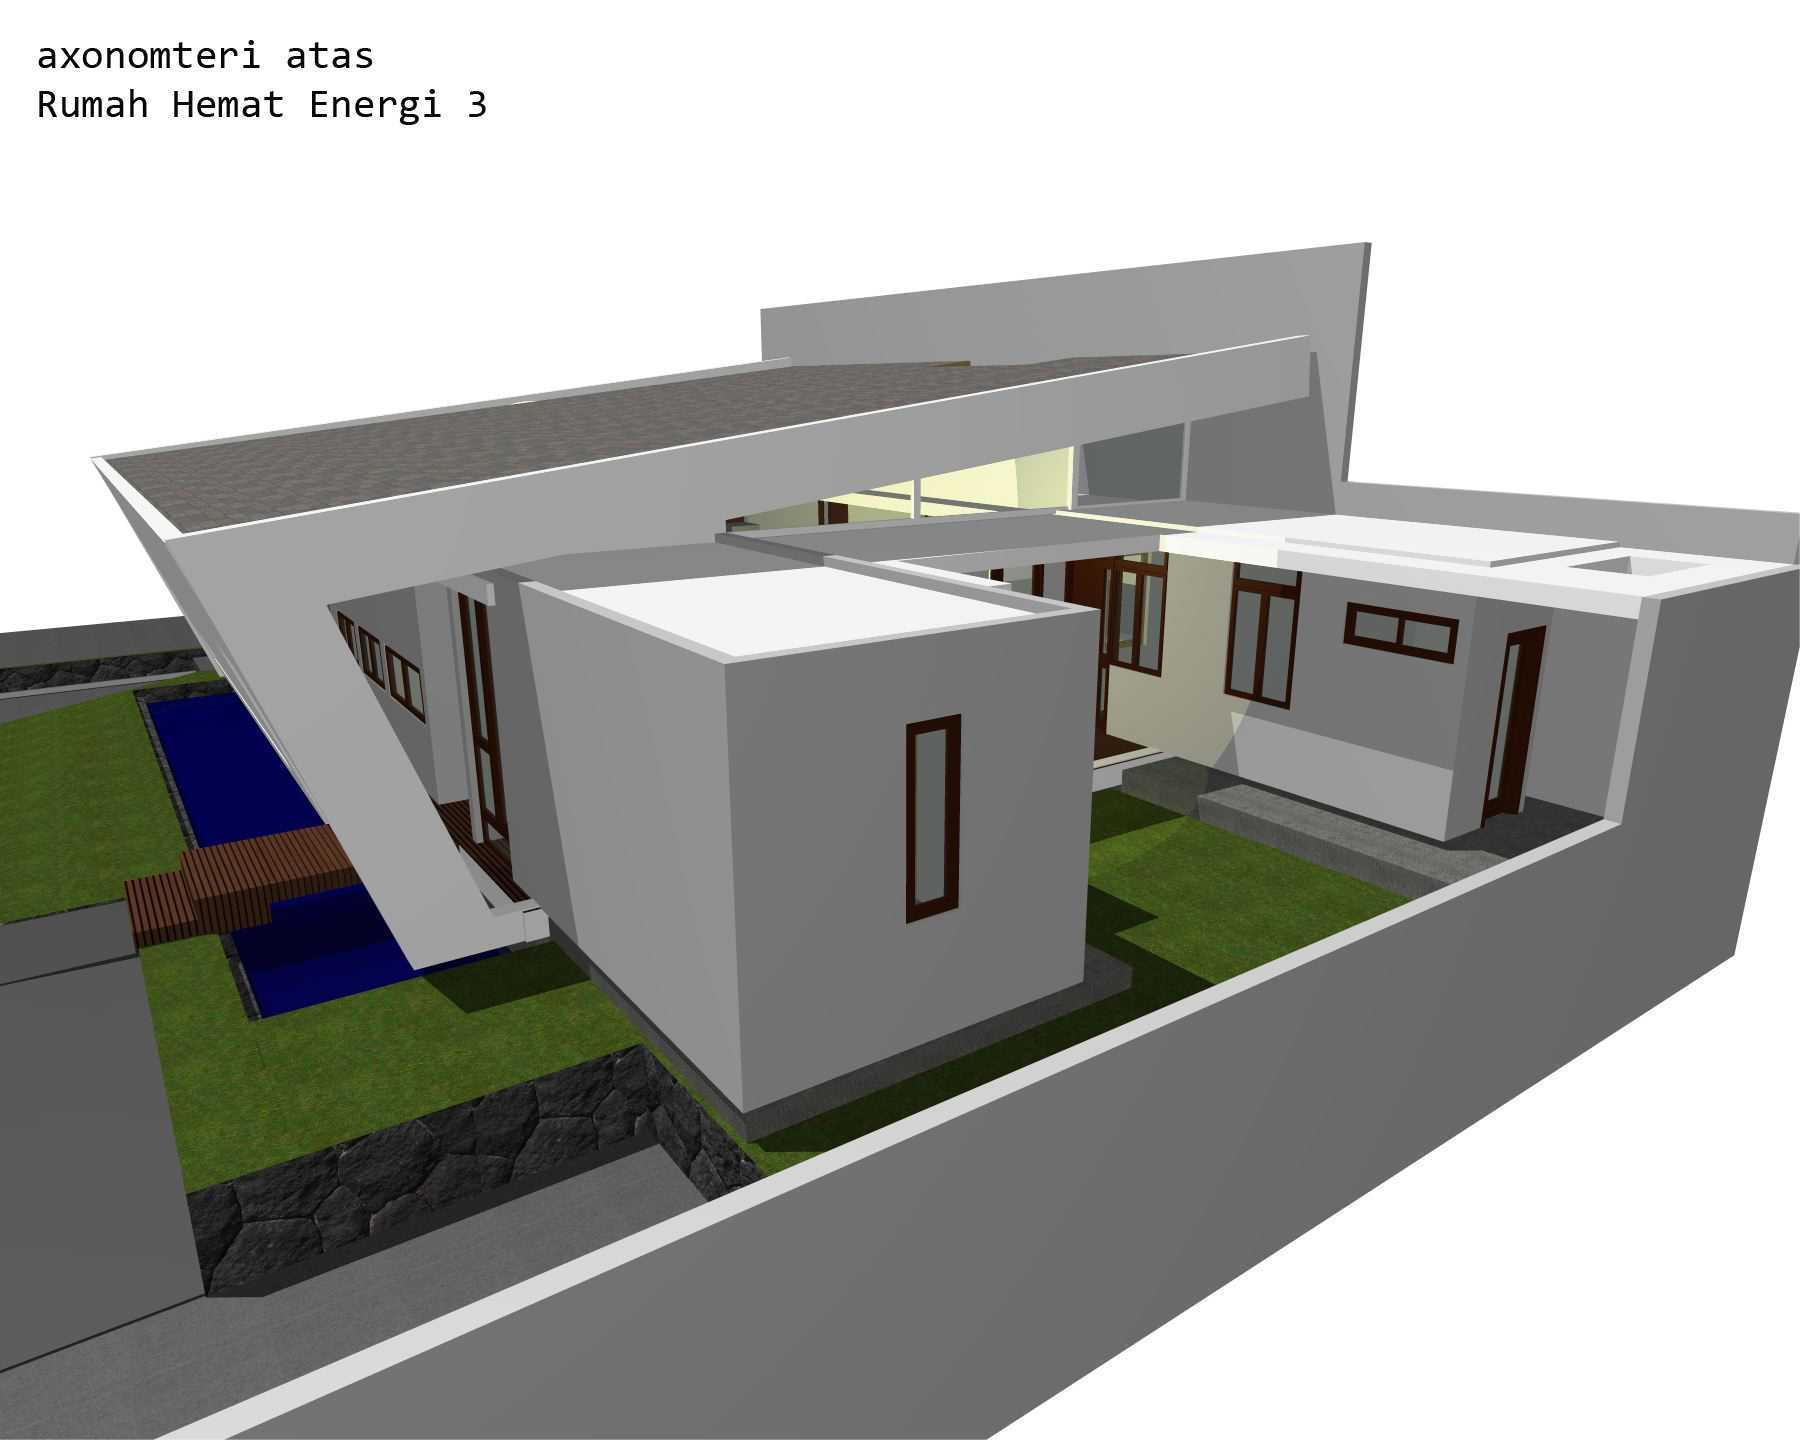 Roni Desain Rumah Hemat Energi  Sulawesi Selatan, Indonesia Sulawesi Selatan, Indonesia Roni-Desain-Rumah-Hemat-Energi-  59908